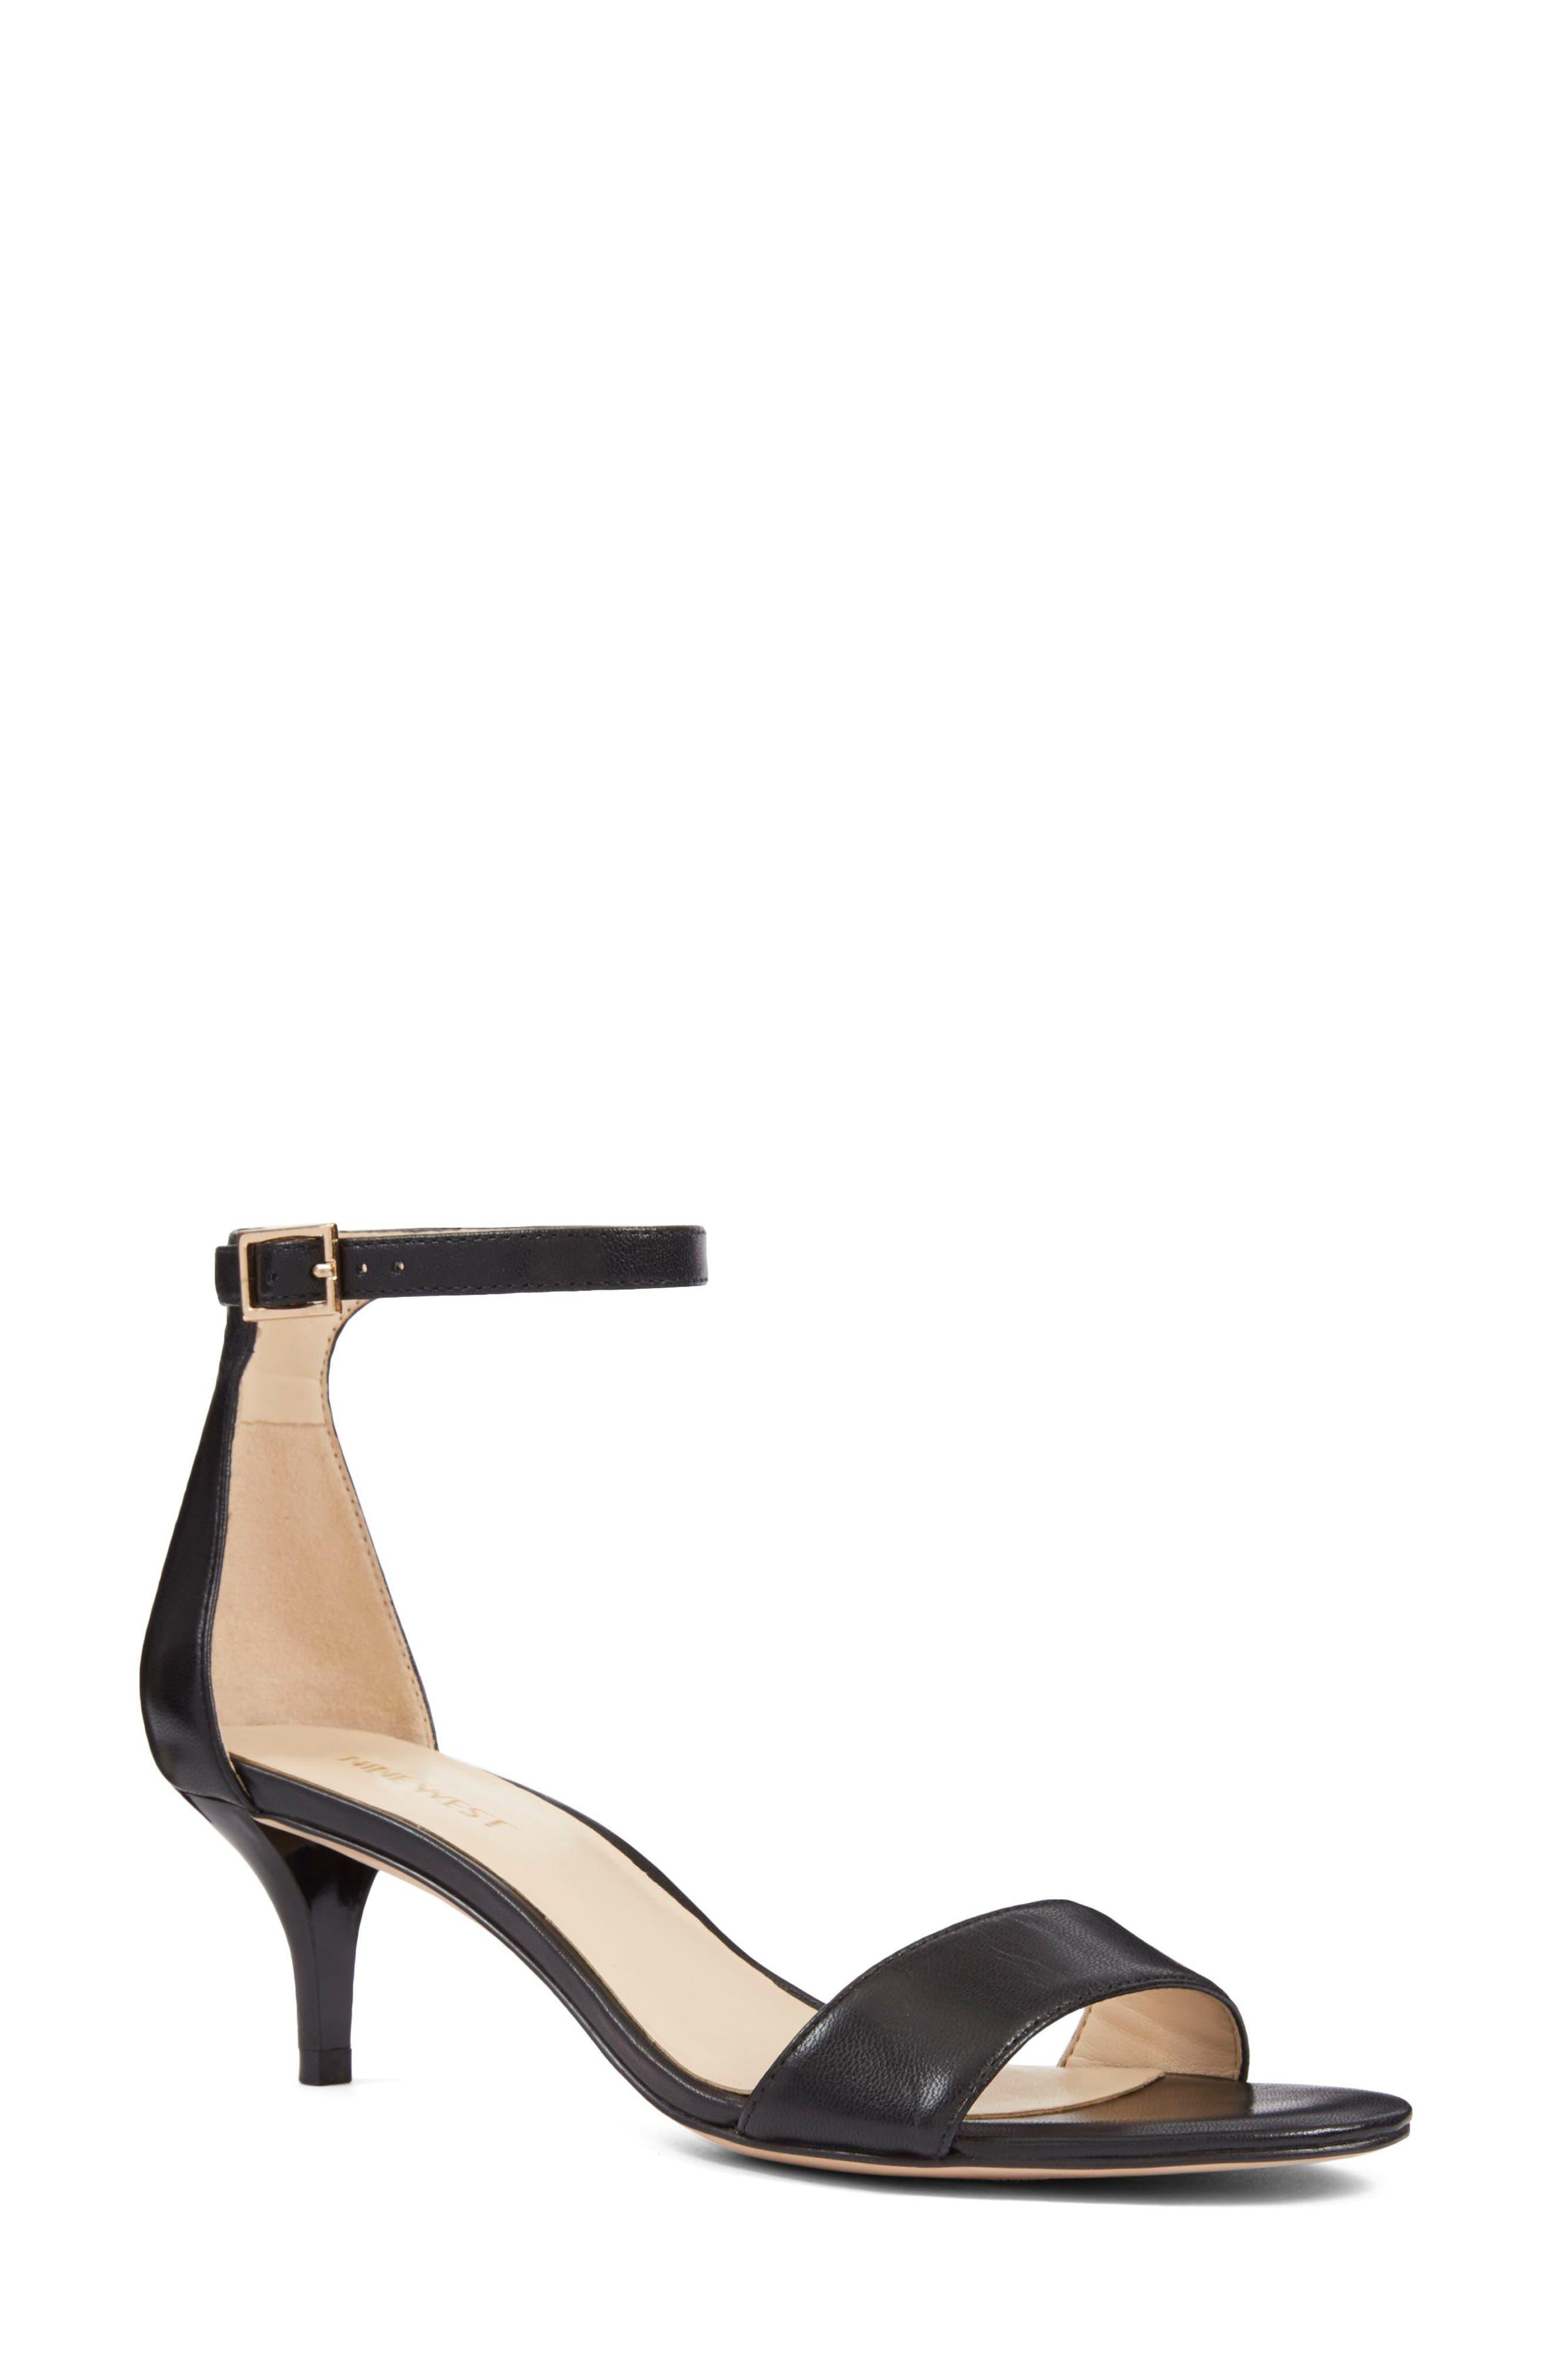 50c89132909a Nine West 'Leisa' Ankle Strap Sandal- Black